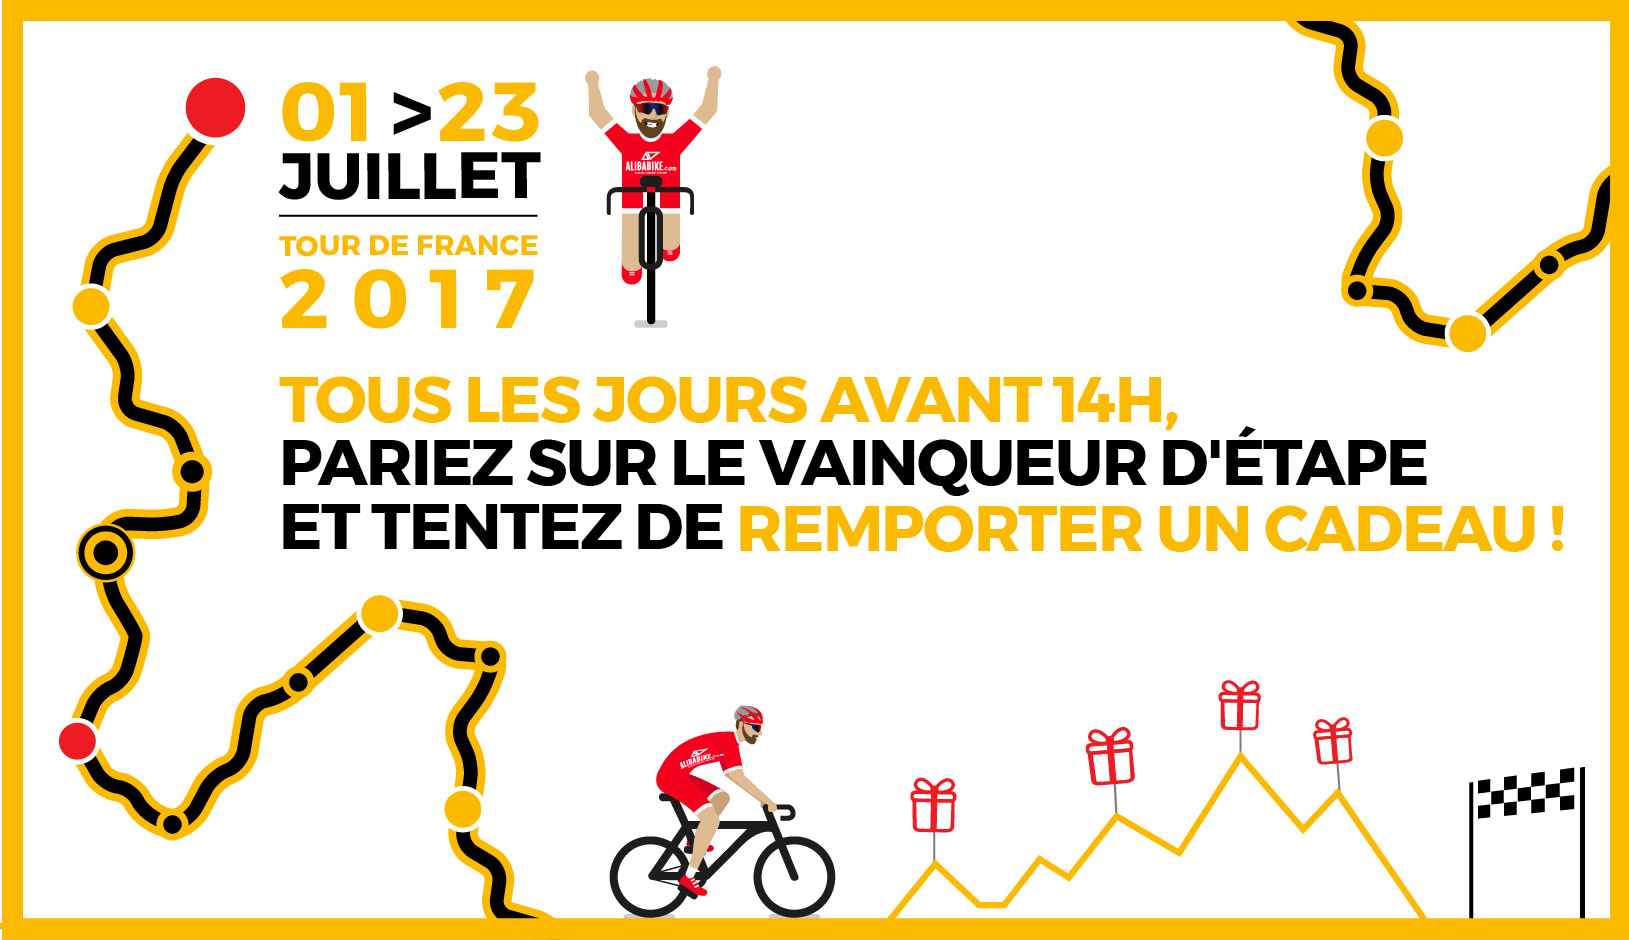 Tour de France 2017 Alibabike : tentez de gagner des cadeaux en pariant sur le vainqueur d'étape